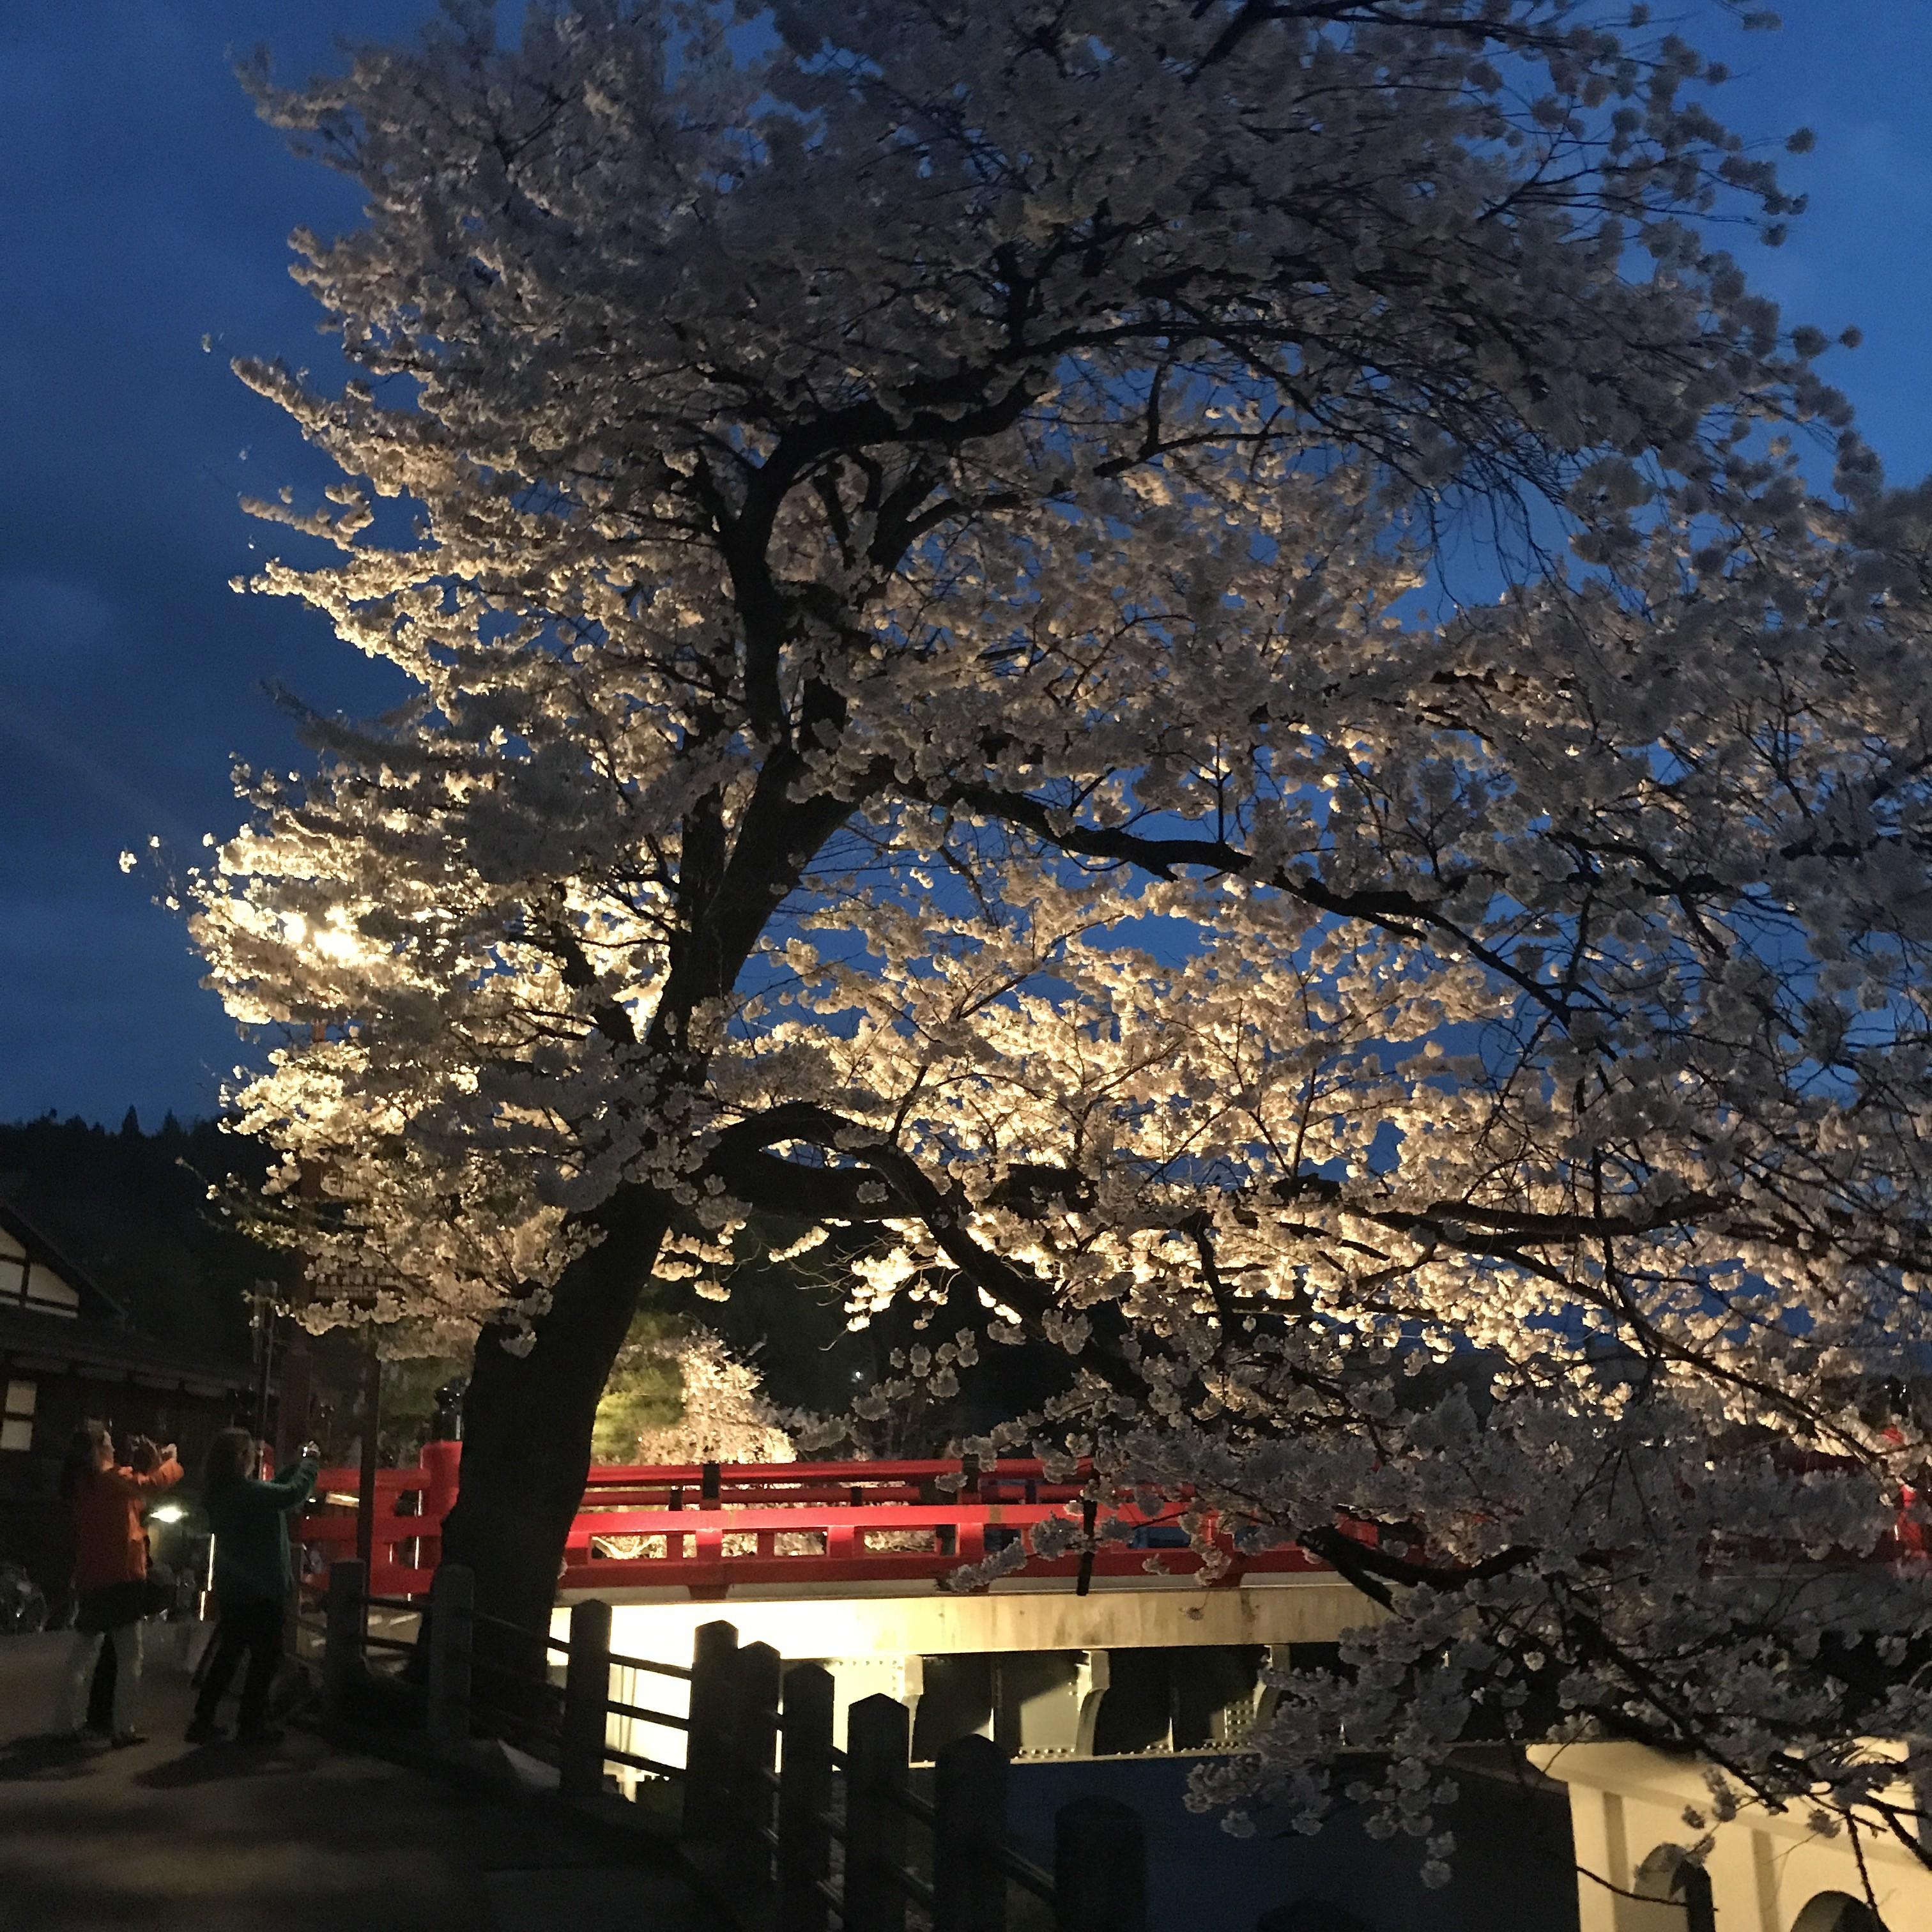 飛騨高山 中橋 夜景 夜桜 絶景